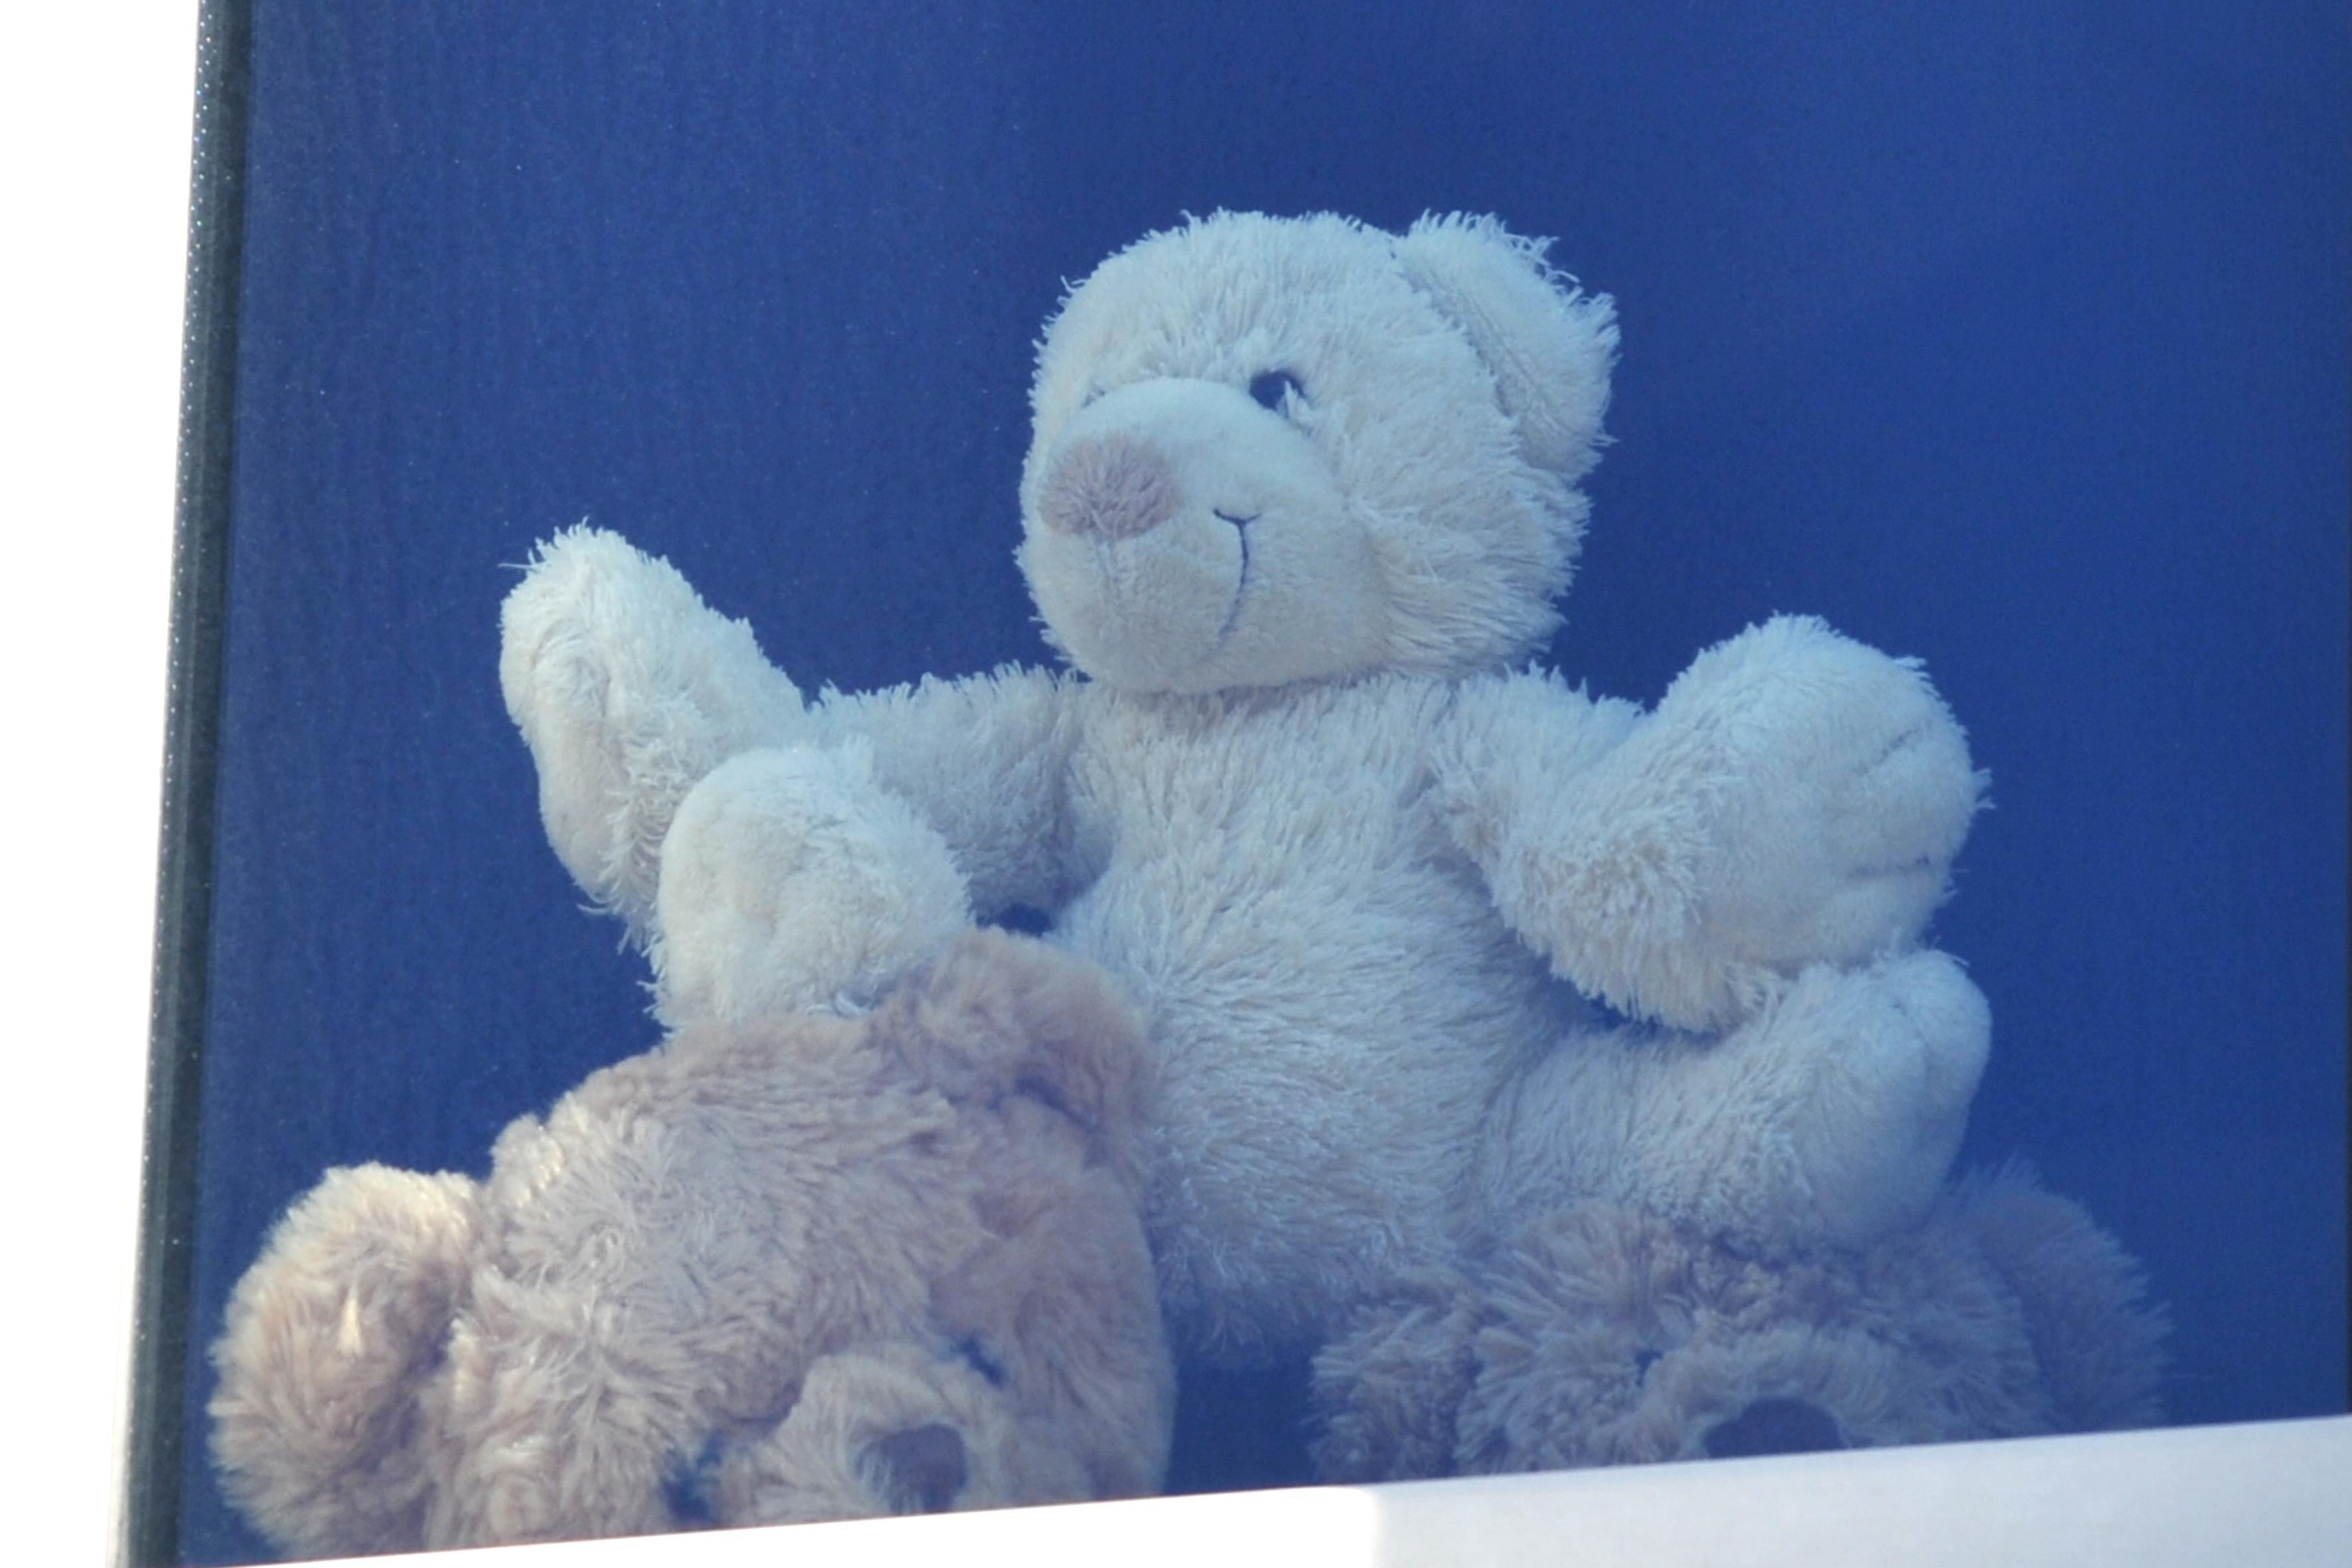 Overal duiken er teddyberen op achter de ramen. Kinderen op berenjacht tijdens coronacrisis